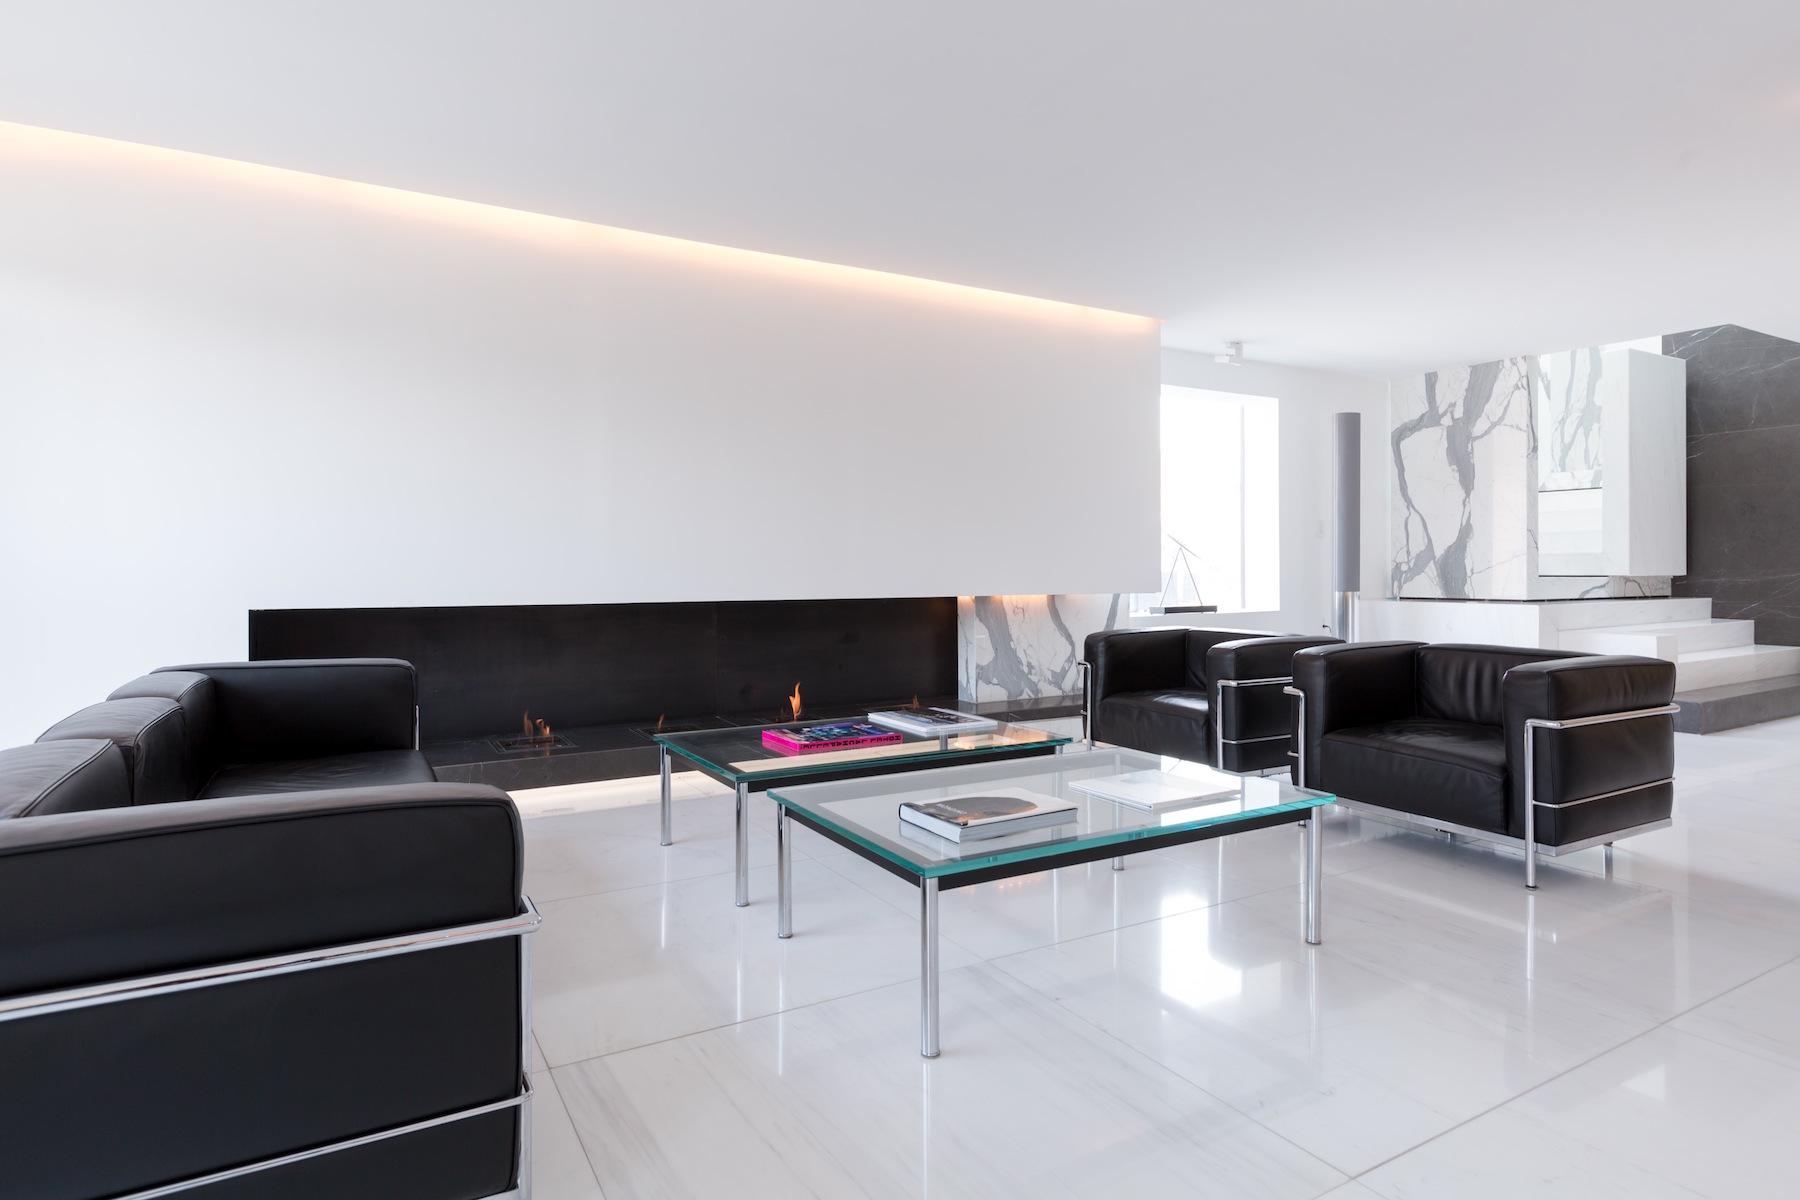 共管式独立产权公寓 为 销售 在 1045 31st Street Nw 506, Washington 华盛顿市, 哥伦比亚特区, 20007 美国